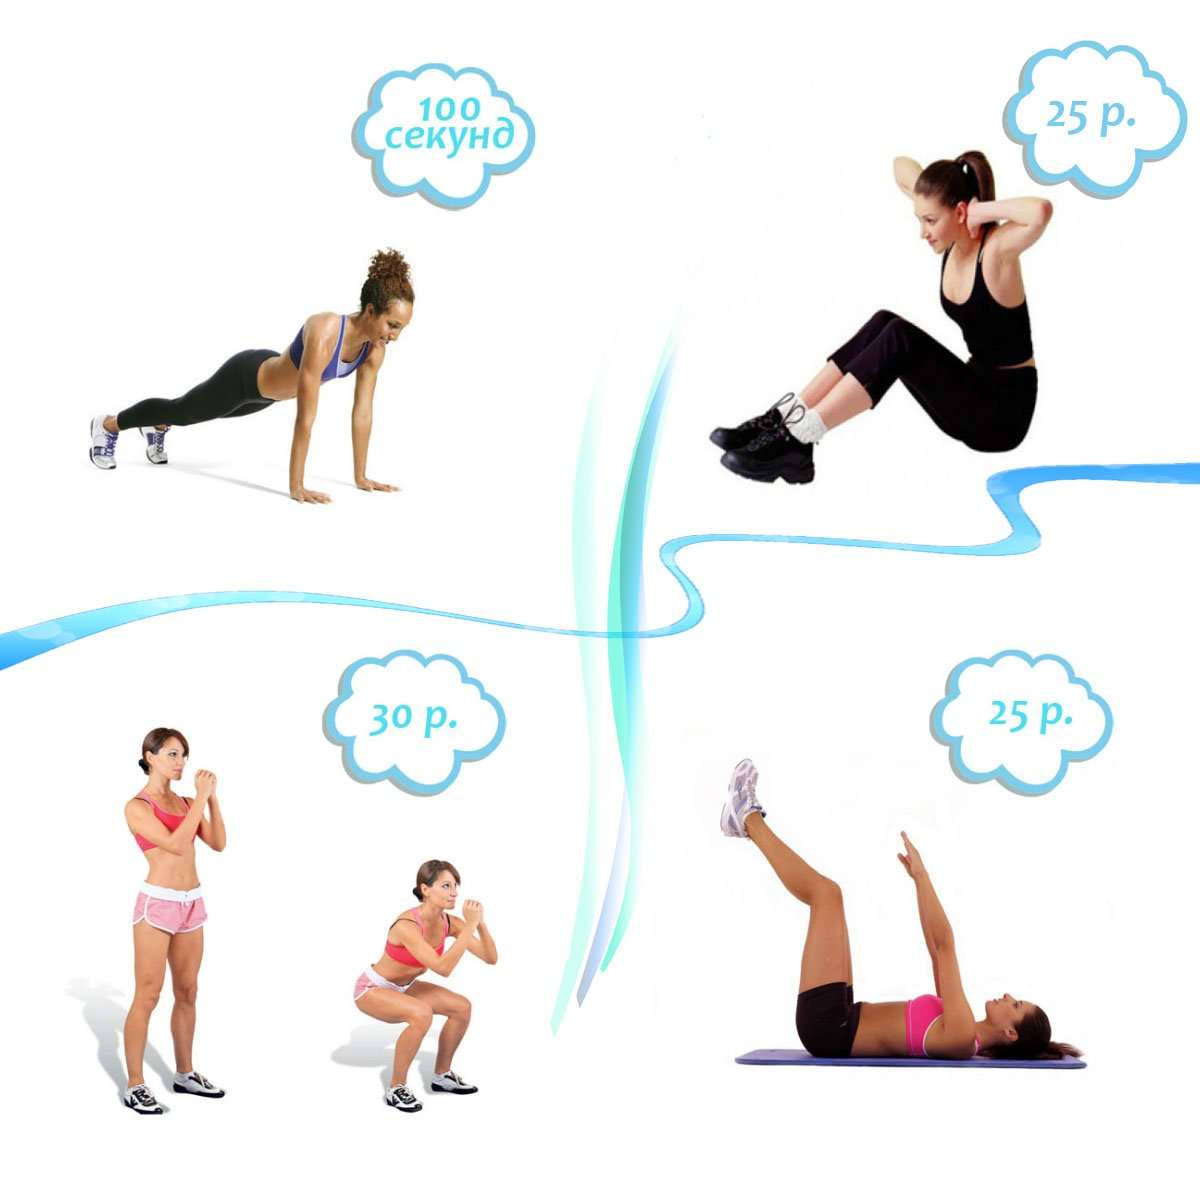 Утренняя зарядка для похудения в домашних условиях: эффективные упражнения с видео - allslim.ru